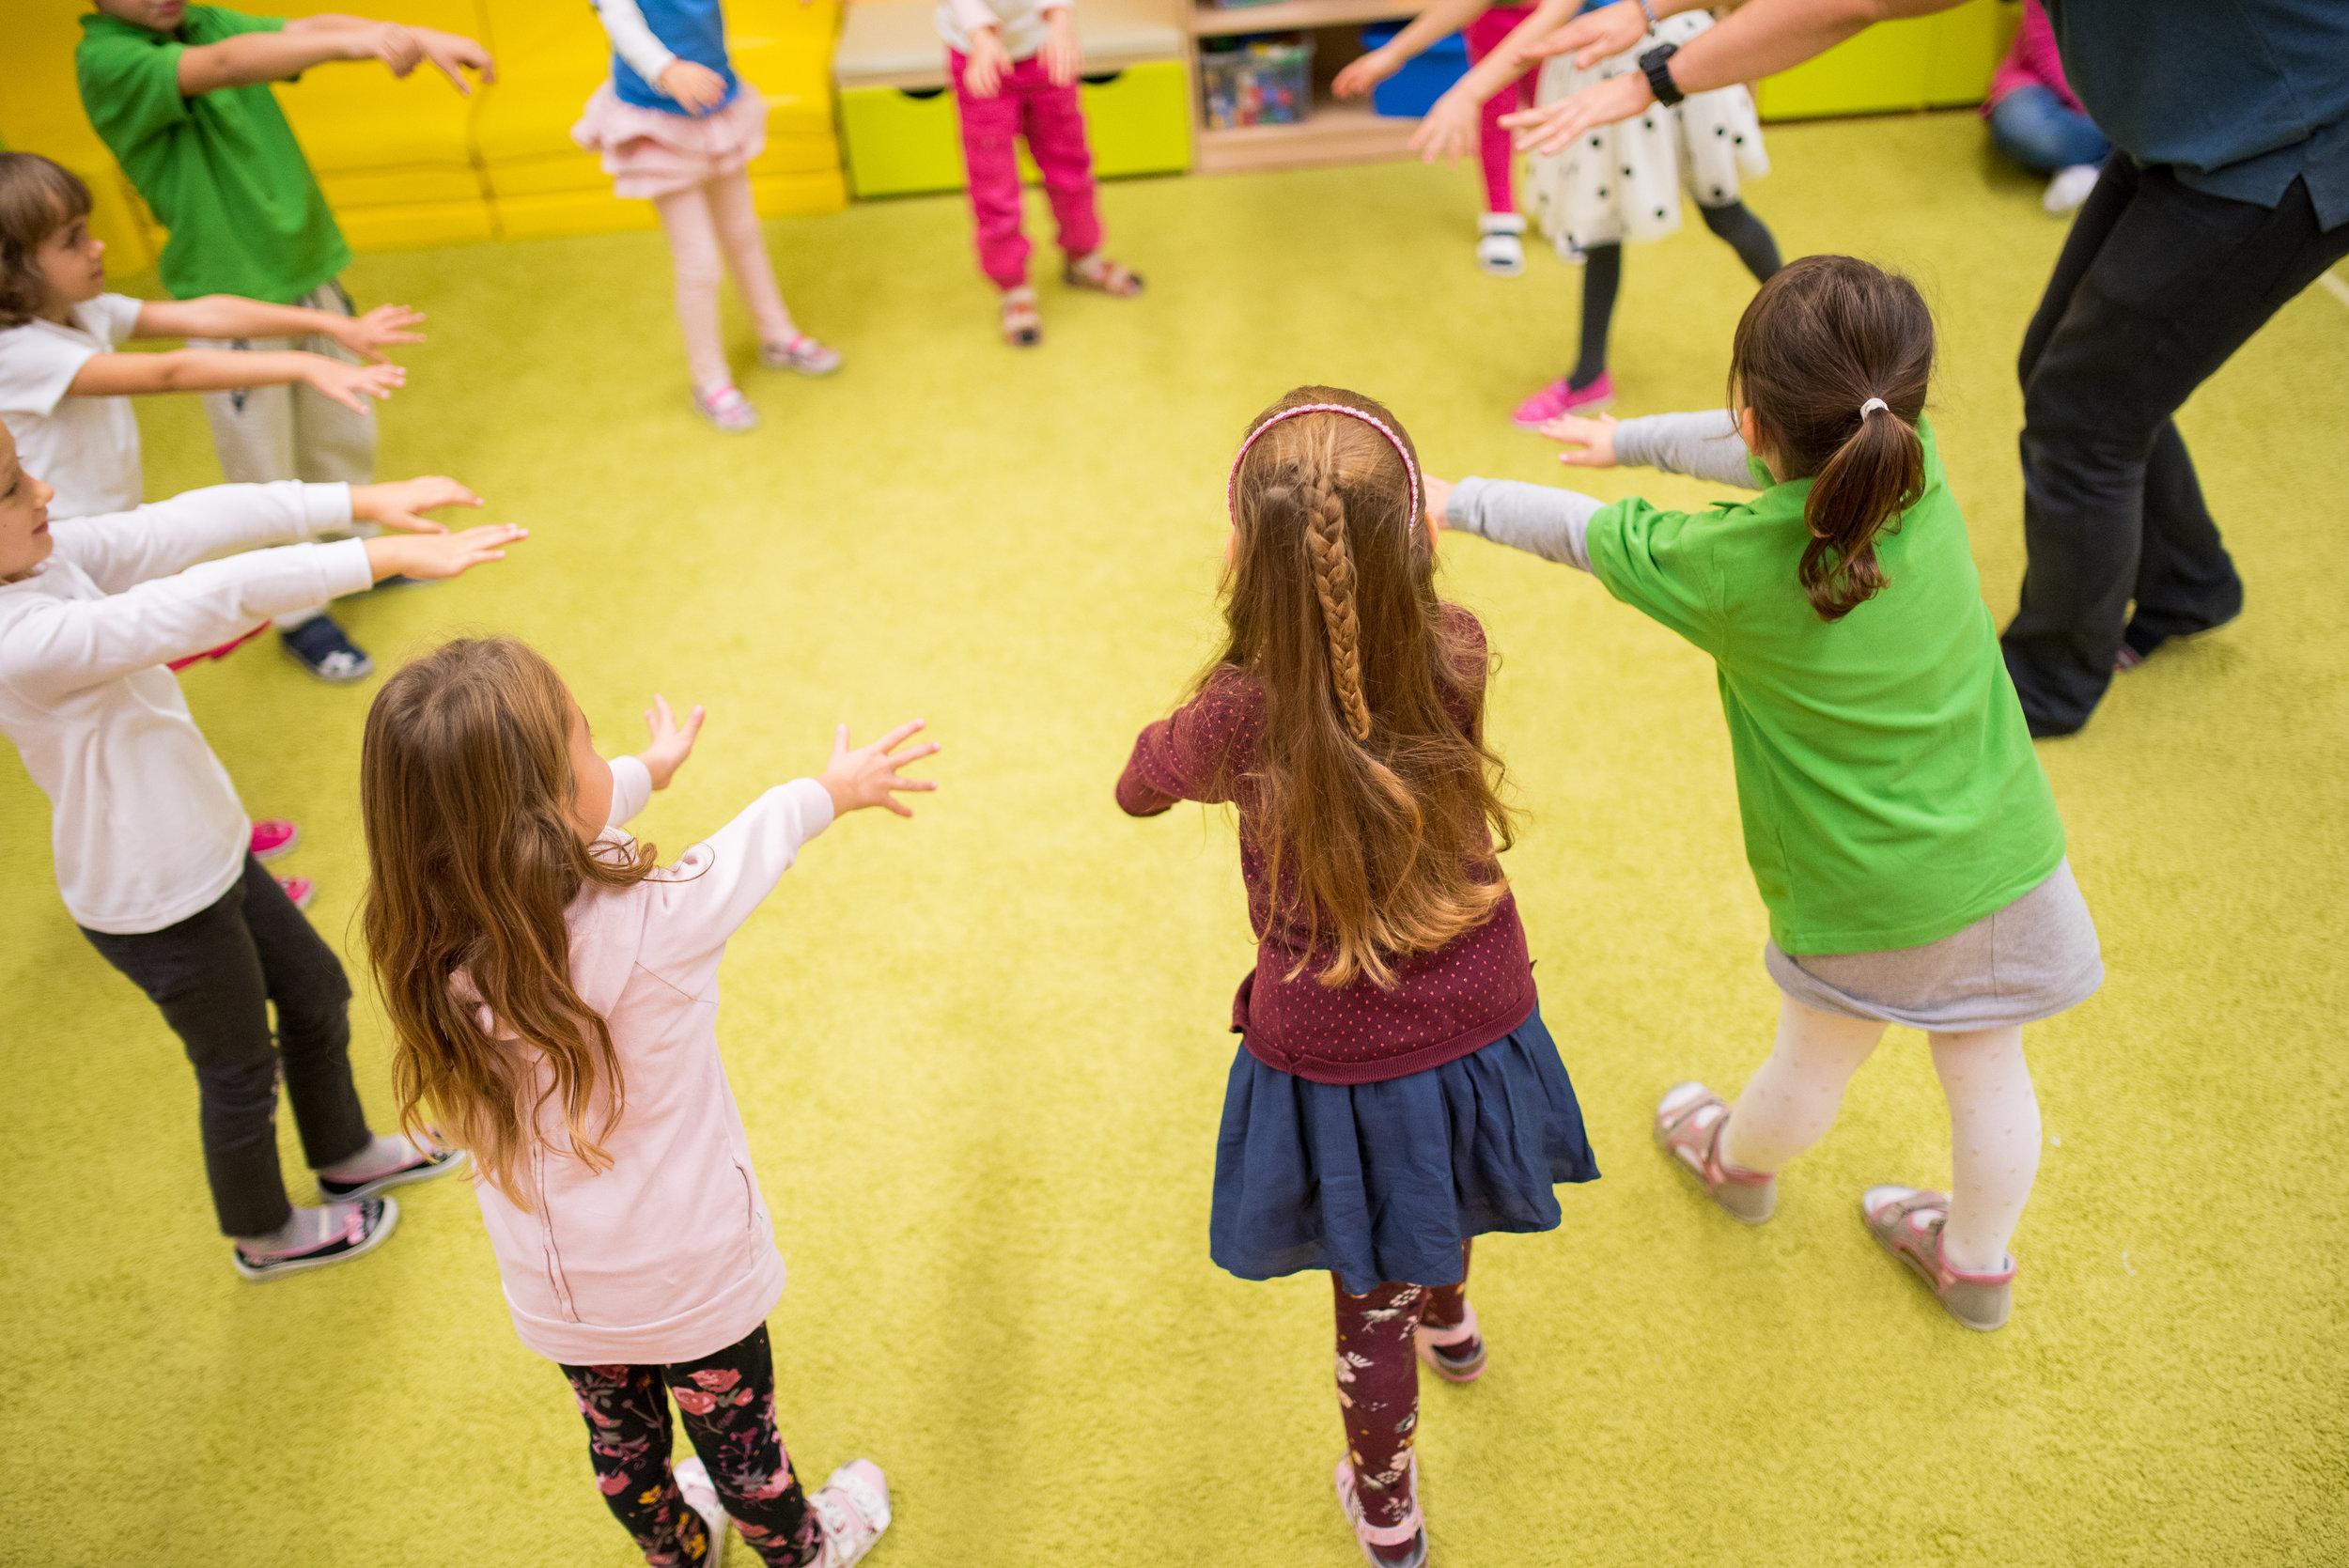 Všestranný rozvoj - v jednotlivých zložkách výchovy: v našom zariadení ponúkame hru na hudobný nástroj, kurz korčuľovania, celoročnú výučbu plávania, tanca a lyžiarsky kurz.